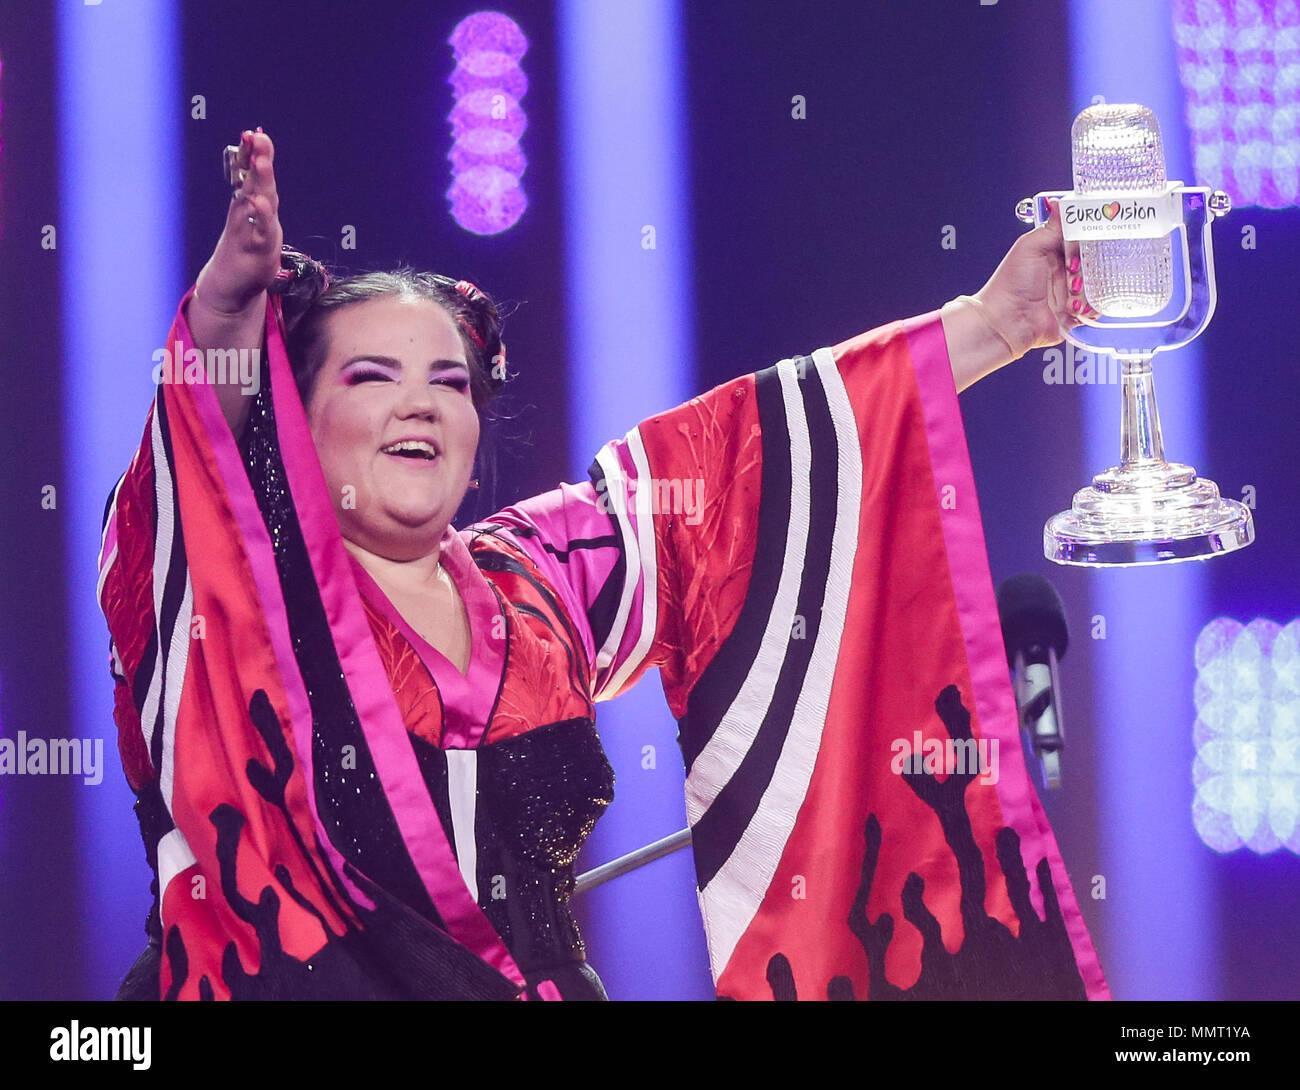 Lisbona, Portogallo. Il 12 maggio 2018. 12 maggio 2018, Portogallo Lisbona:  cantante netta da Israele vince